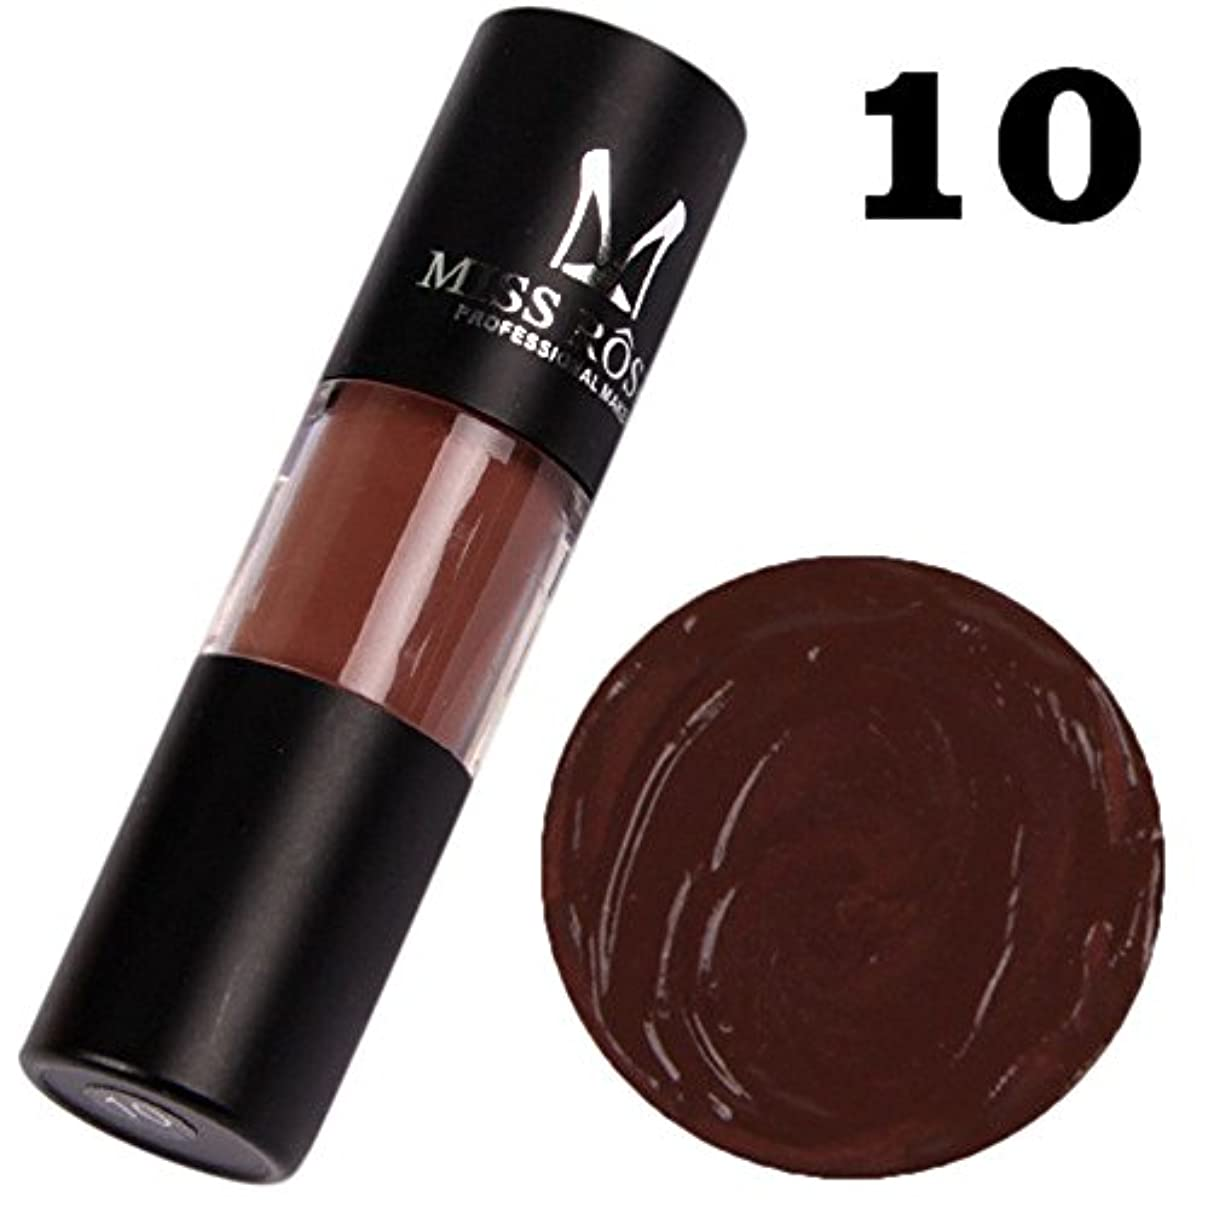 足枷相関する抵当口紅 モイスチャライザー リキッド ベルベット リップスティック 化粧品 美容 リップクリーム 若い メイク リップバーム 液体 唇に塗っっていつもよりセクシー魅力を与えるルージュhuajuan